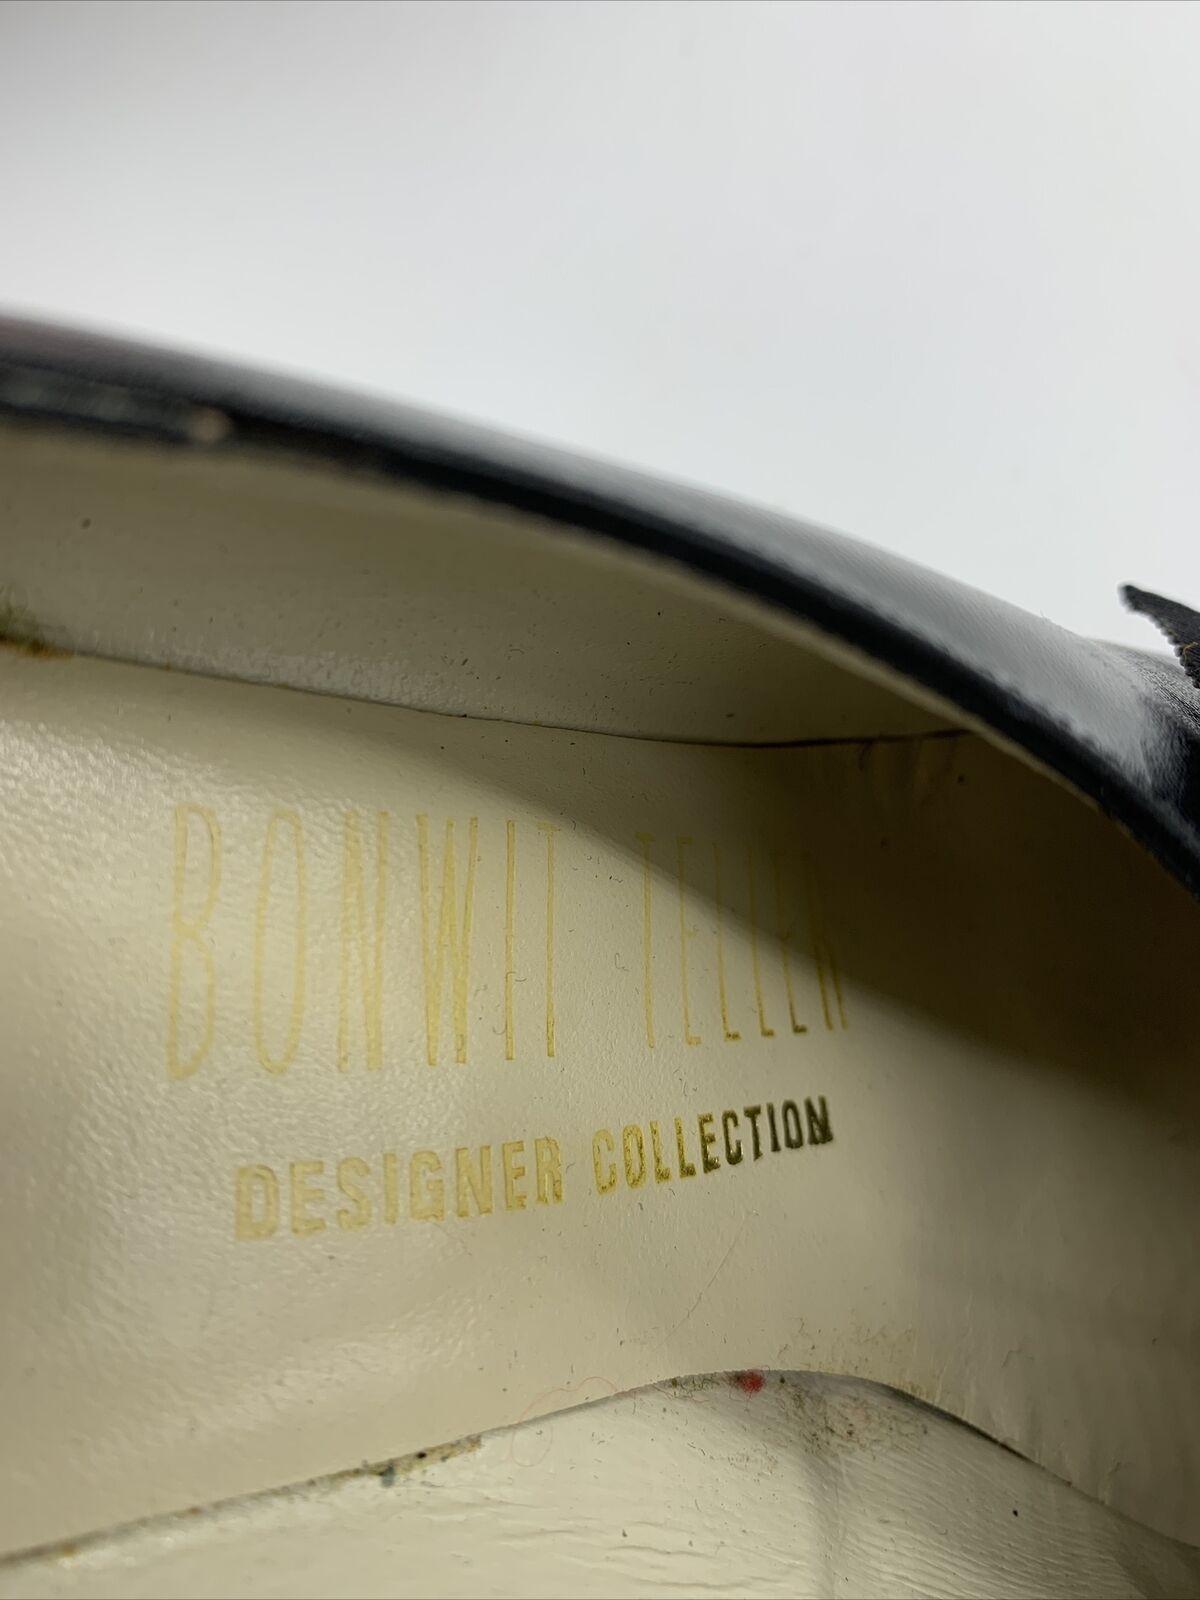 Antique Edwardian Bonwit Teller Black Leather Sho… - image 6